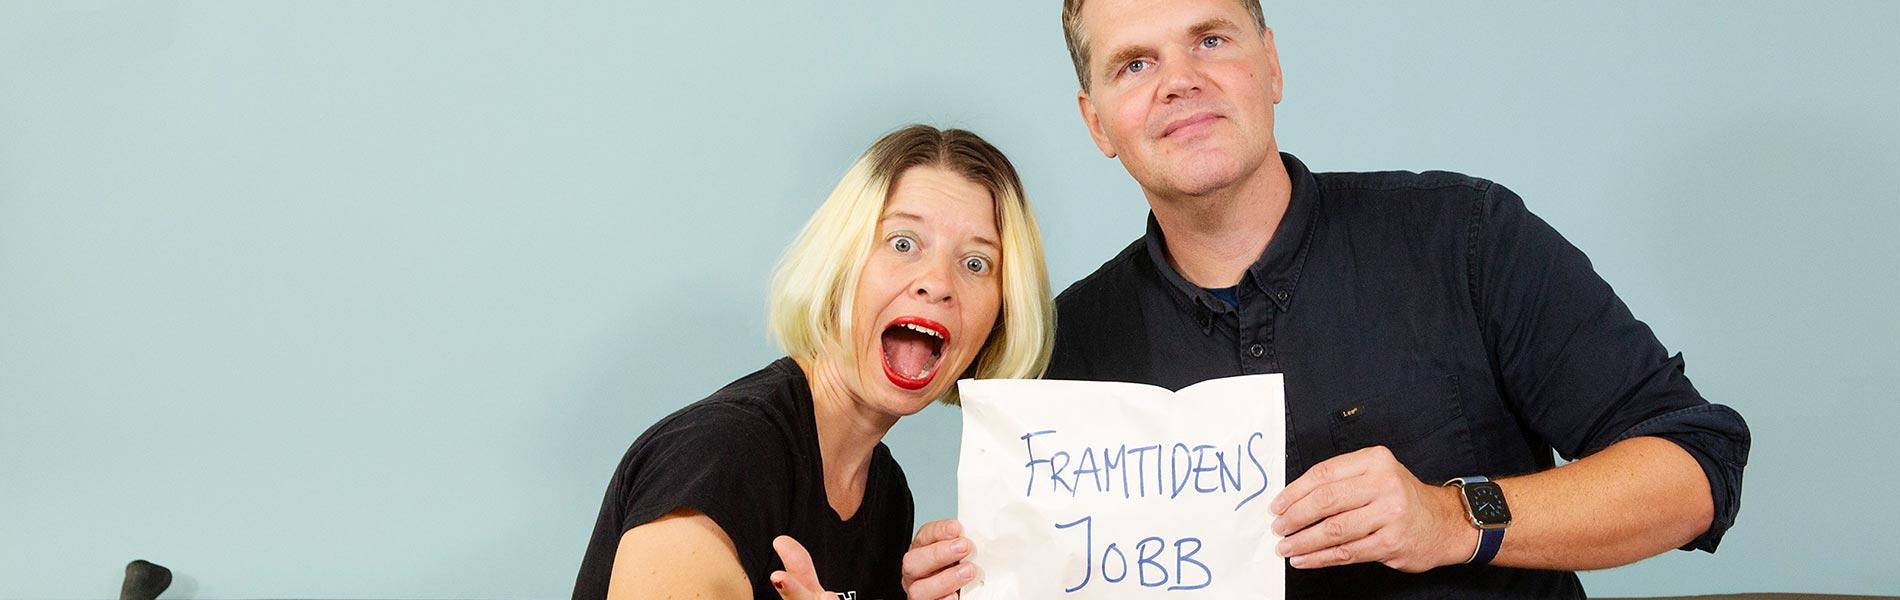 """Linda Sandberg och Kjell Eriksson med ett kuvert märkt """"Framtidens jobb"""""""